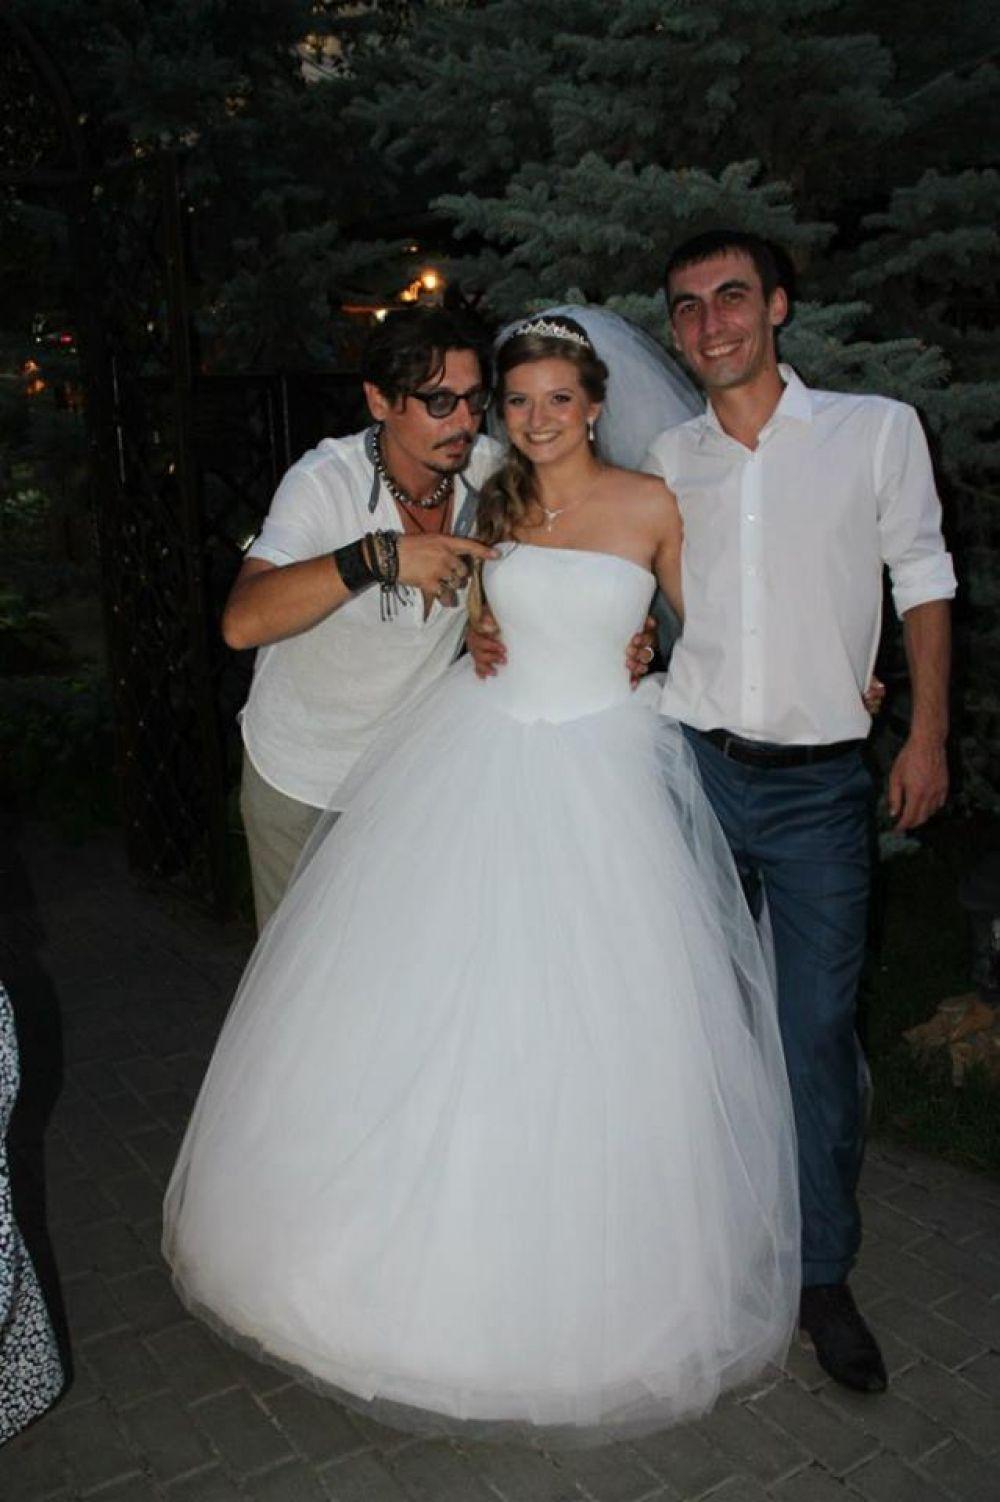 Ростовский Джонни Депп принимает участие в свадебном торжестве друзей семьи - Натальи Кузьмичёвой и её мужа.